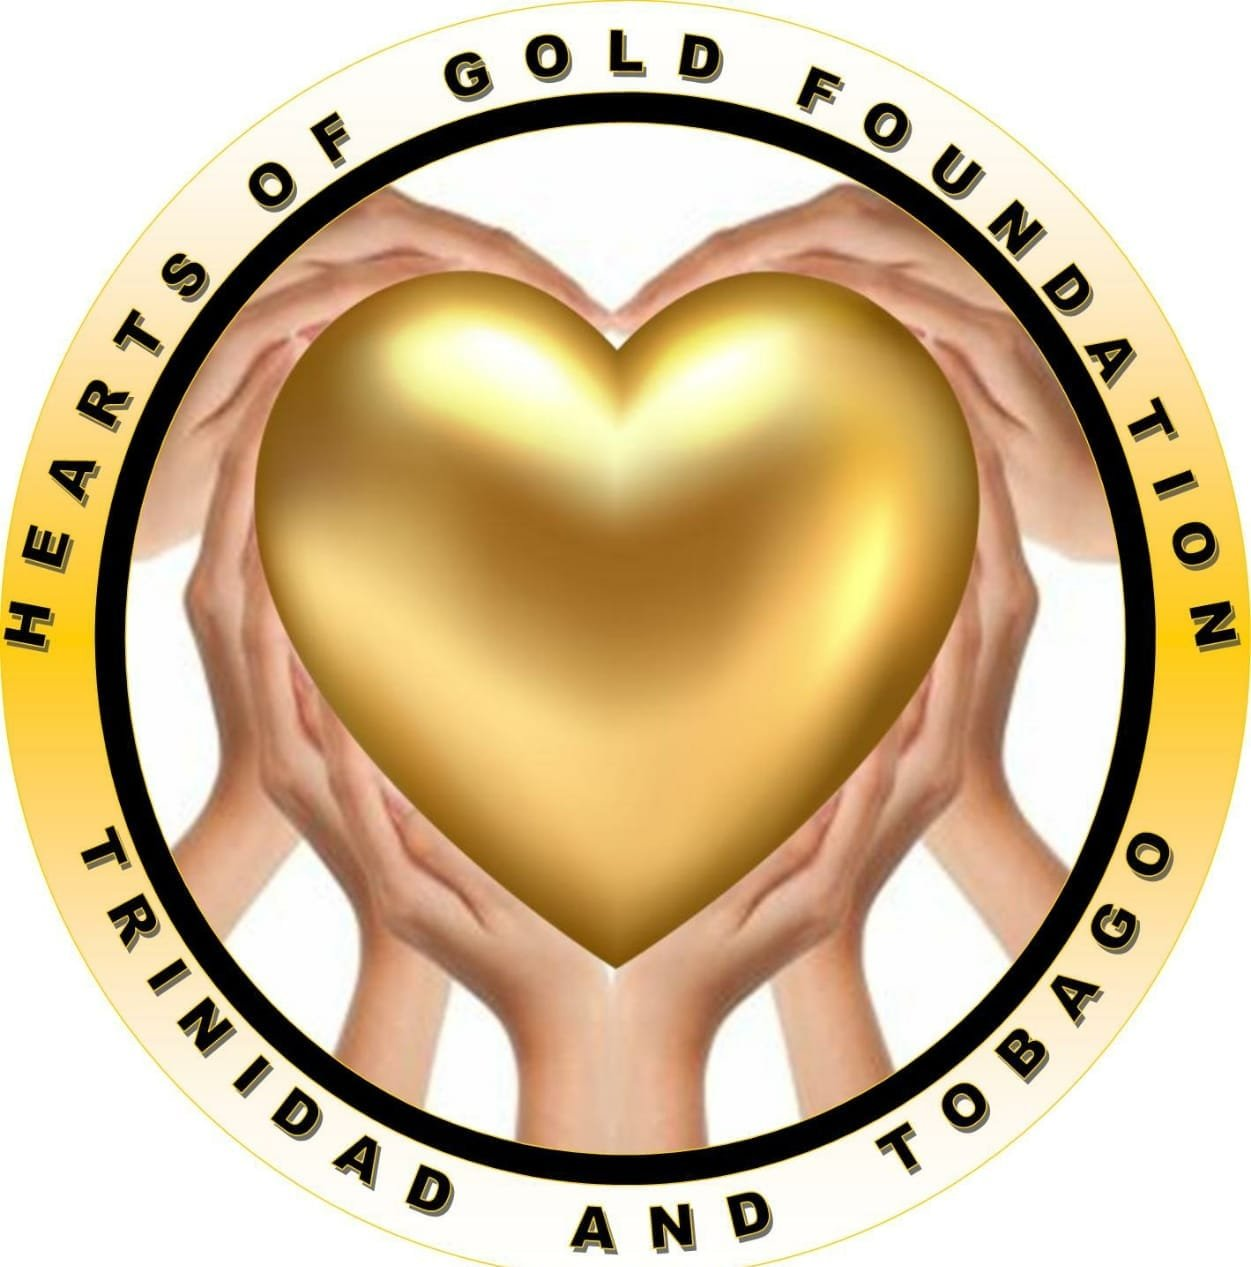 Hearts of Gold Foundation Trinidad and Tobago